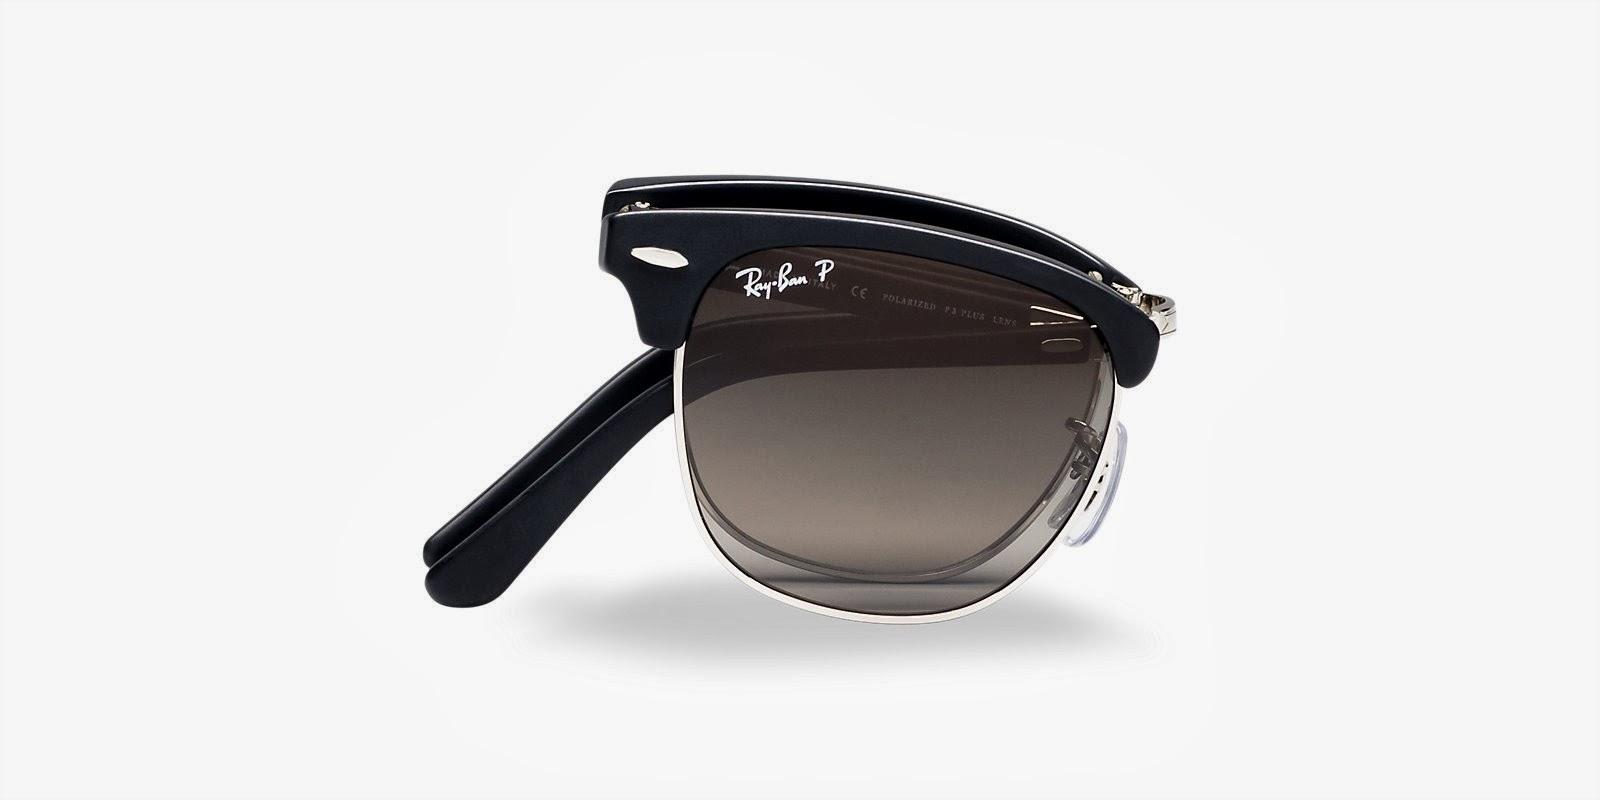 Gafas de sol Rayban Clubmaster: ahora también plegables - Las gafas ...